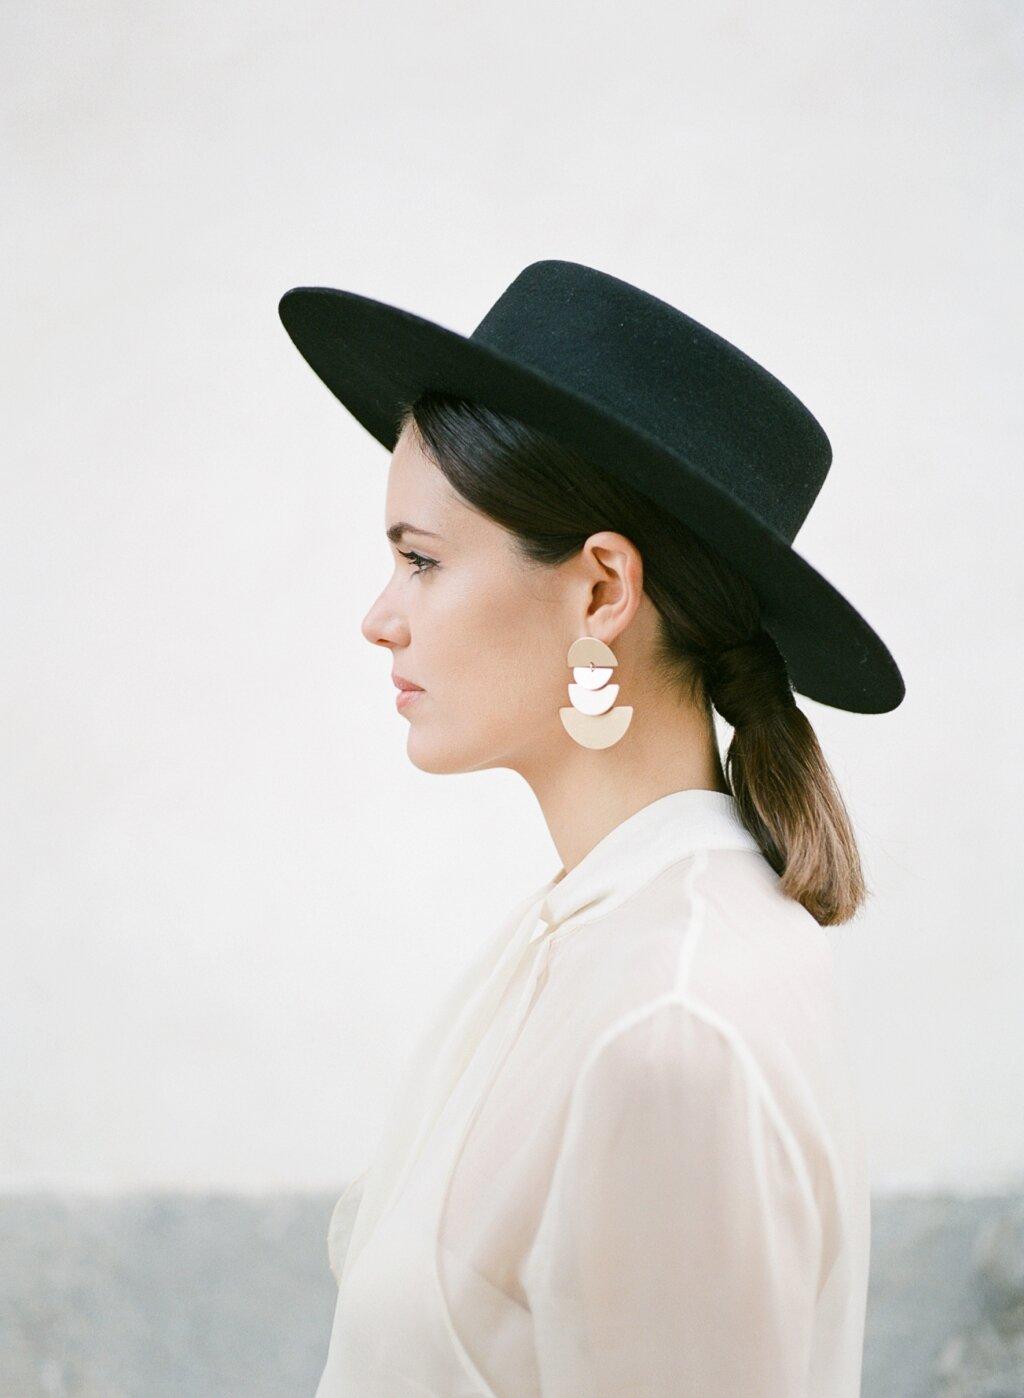 Fashion-engagement-shoot-Ravello-Italy-Amalfi Coast_Tanja Kibogo (22).JPG